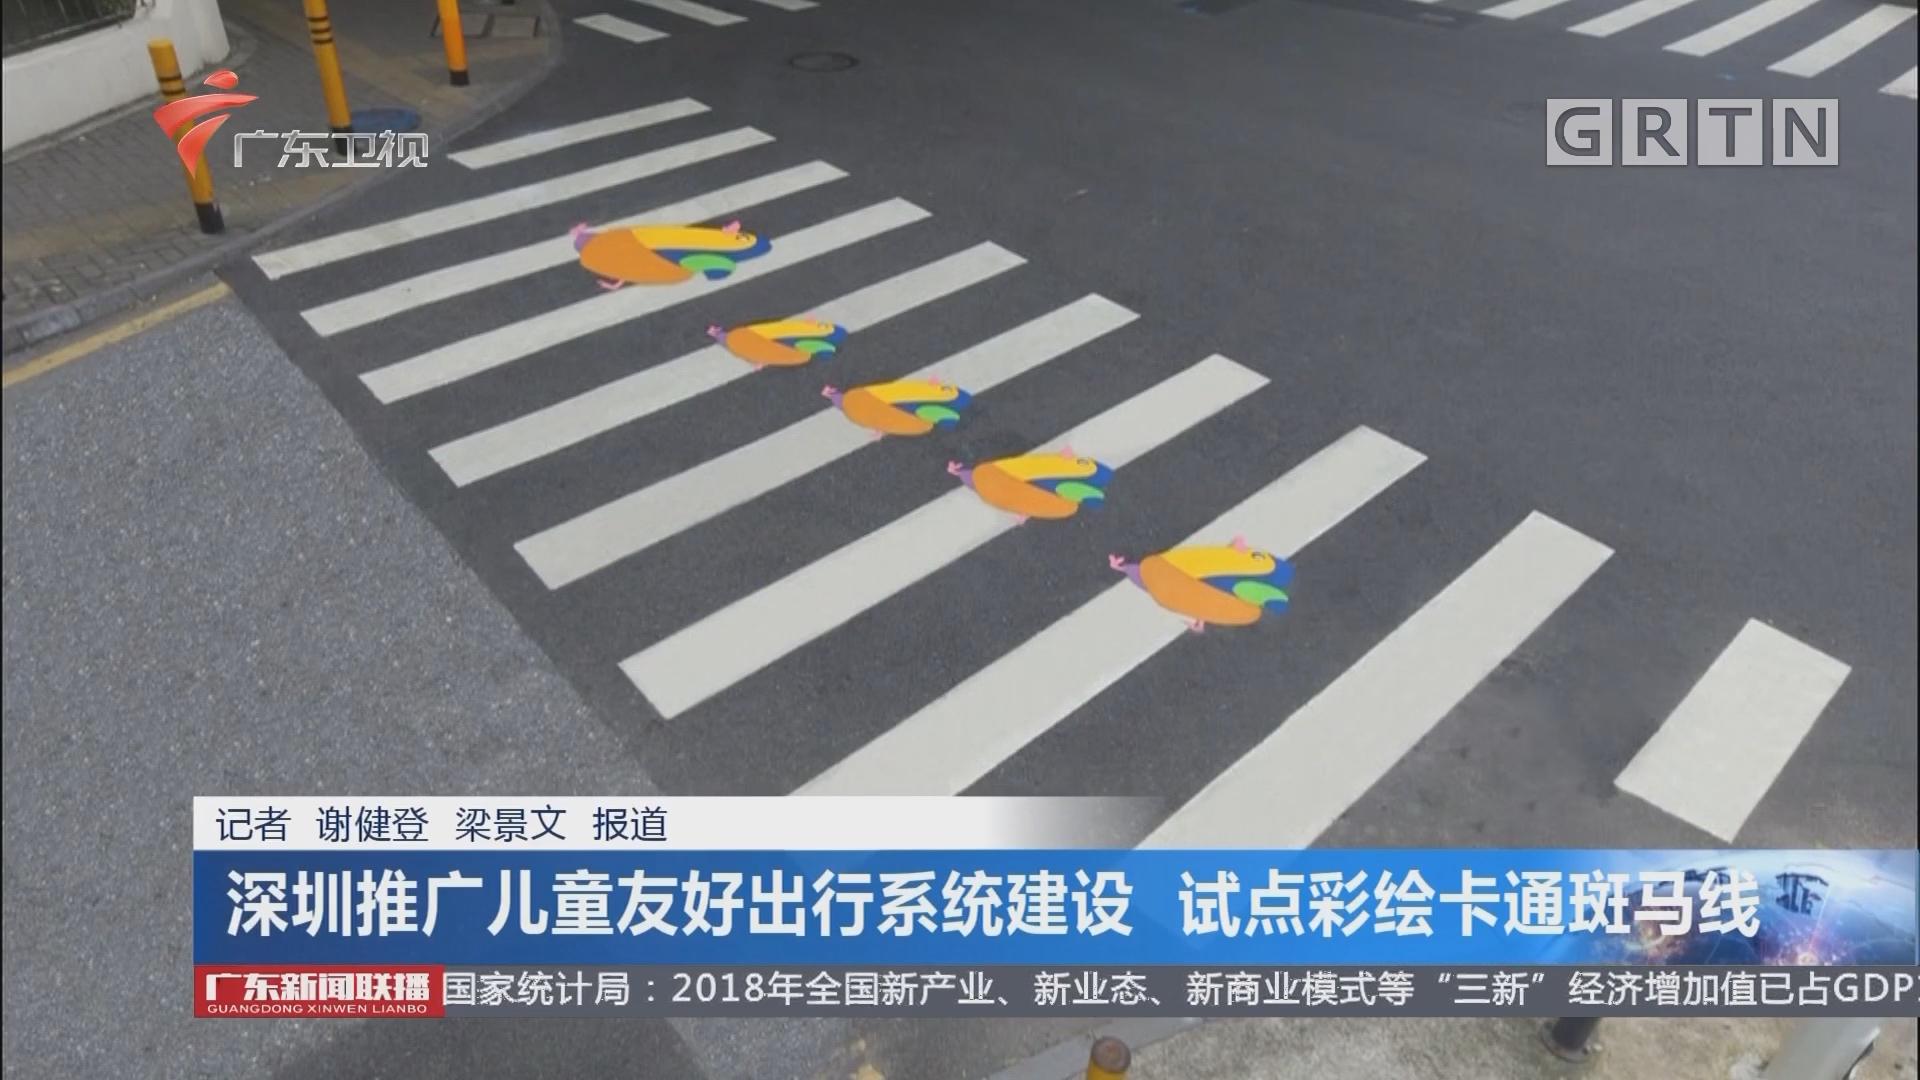 深圳推广儿童友好出行系统建设 试点彩绘卡通斑马线